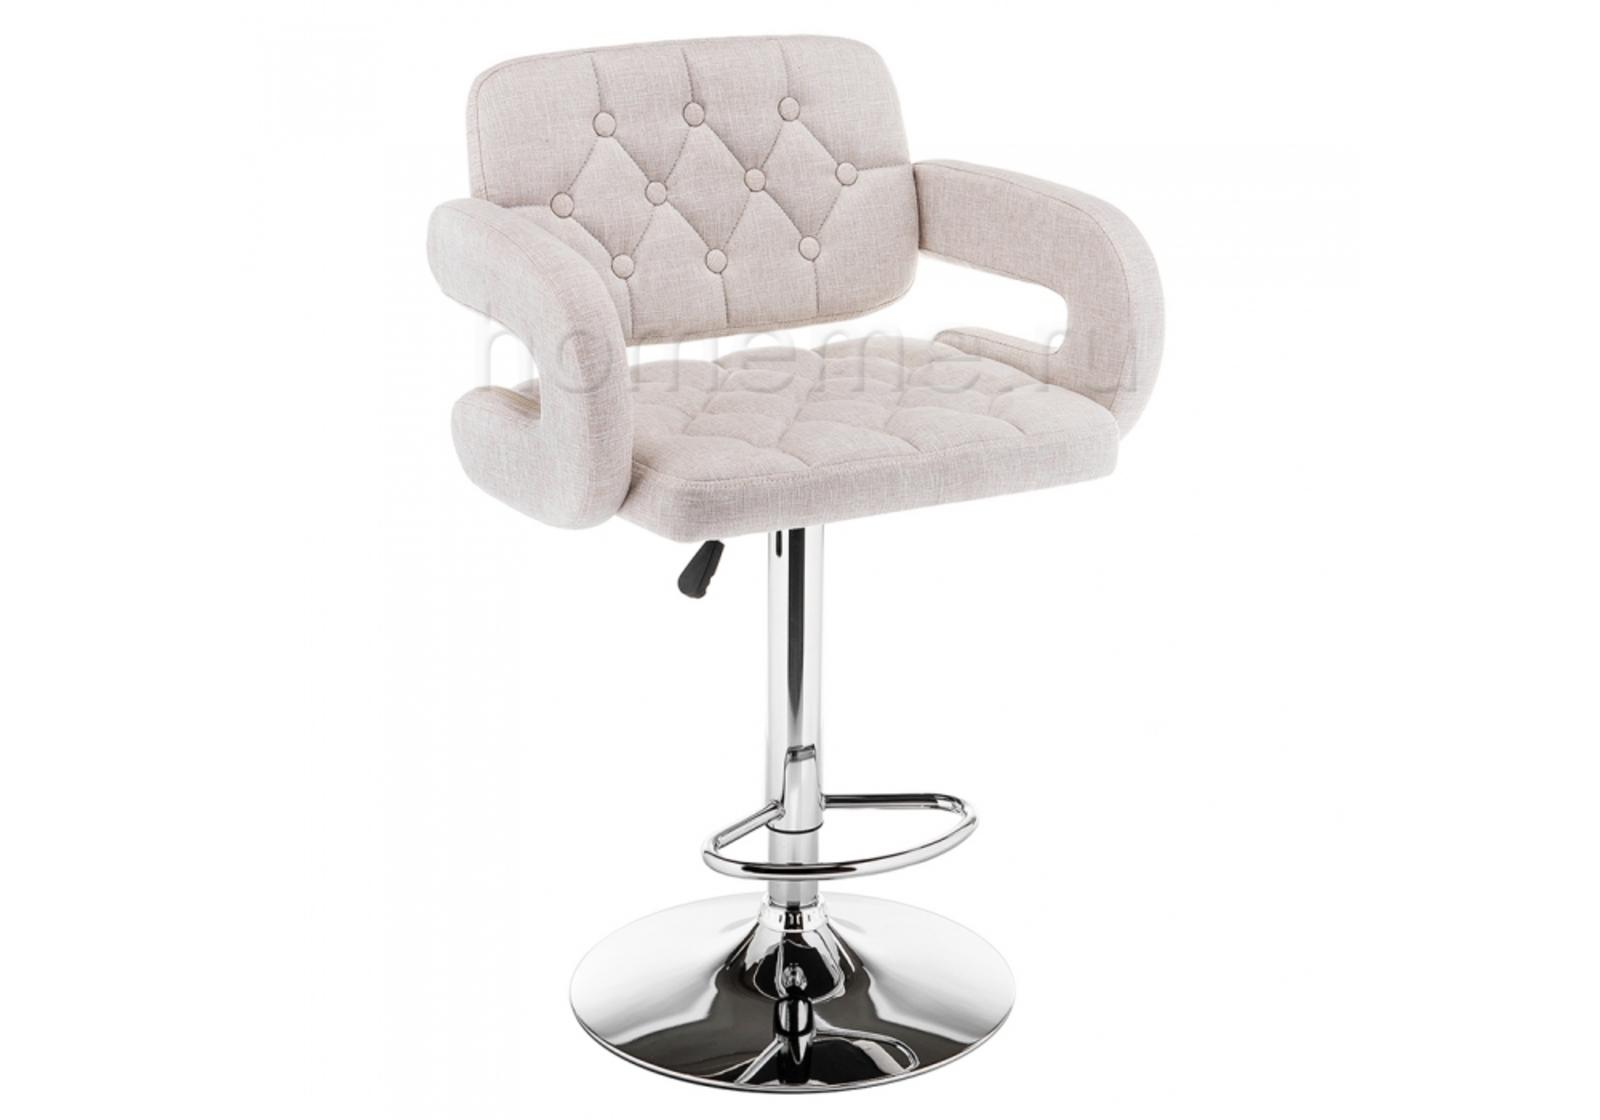 Барный стул Shiny ткань cream 11256 Shiny ткань cream 11256 (15301)